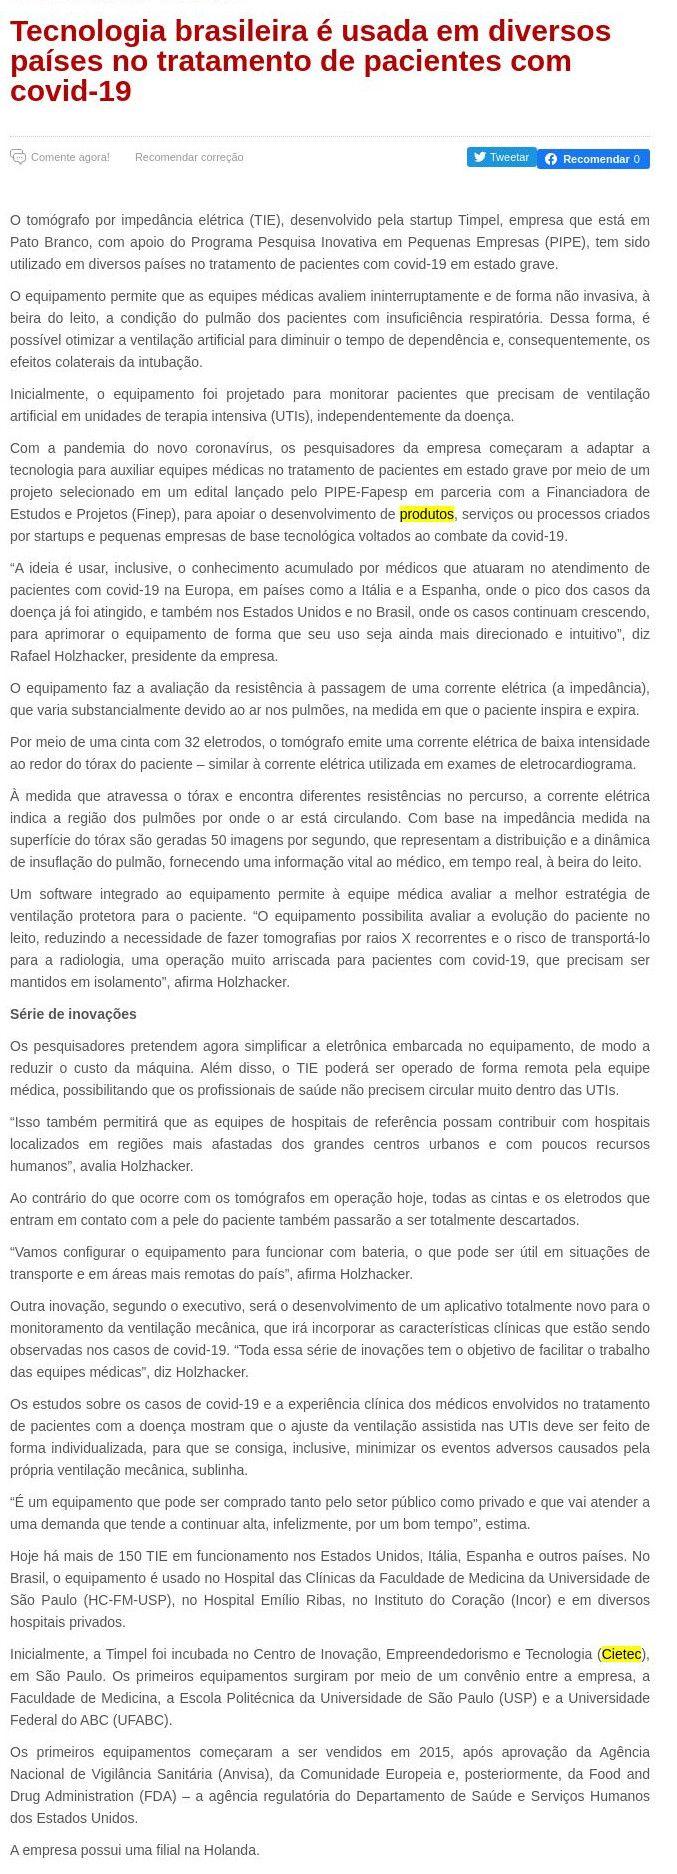 Tecnologia brasileira é usada em diversos países no tratamento de pacientes com covid-19 - Wh3